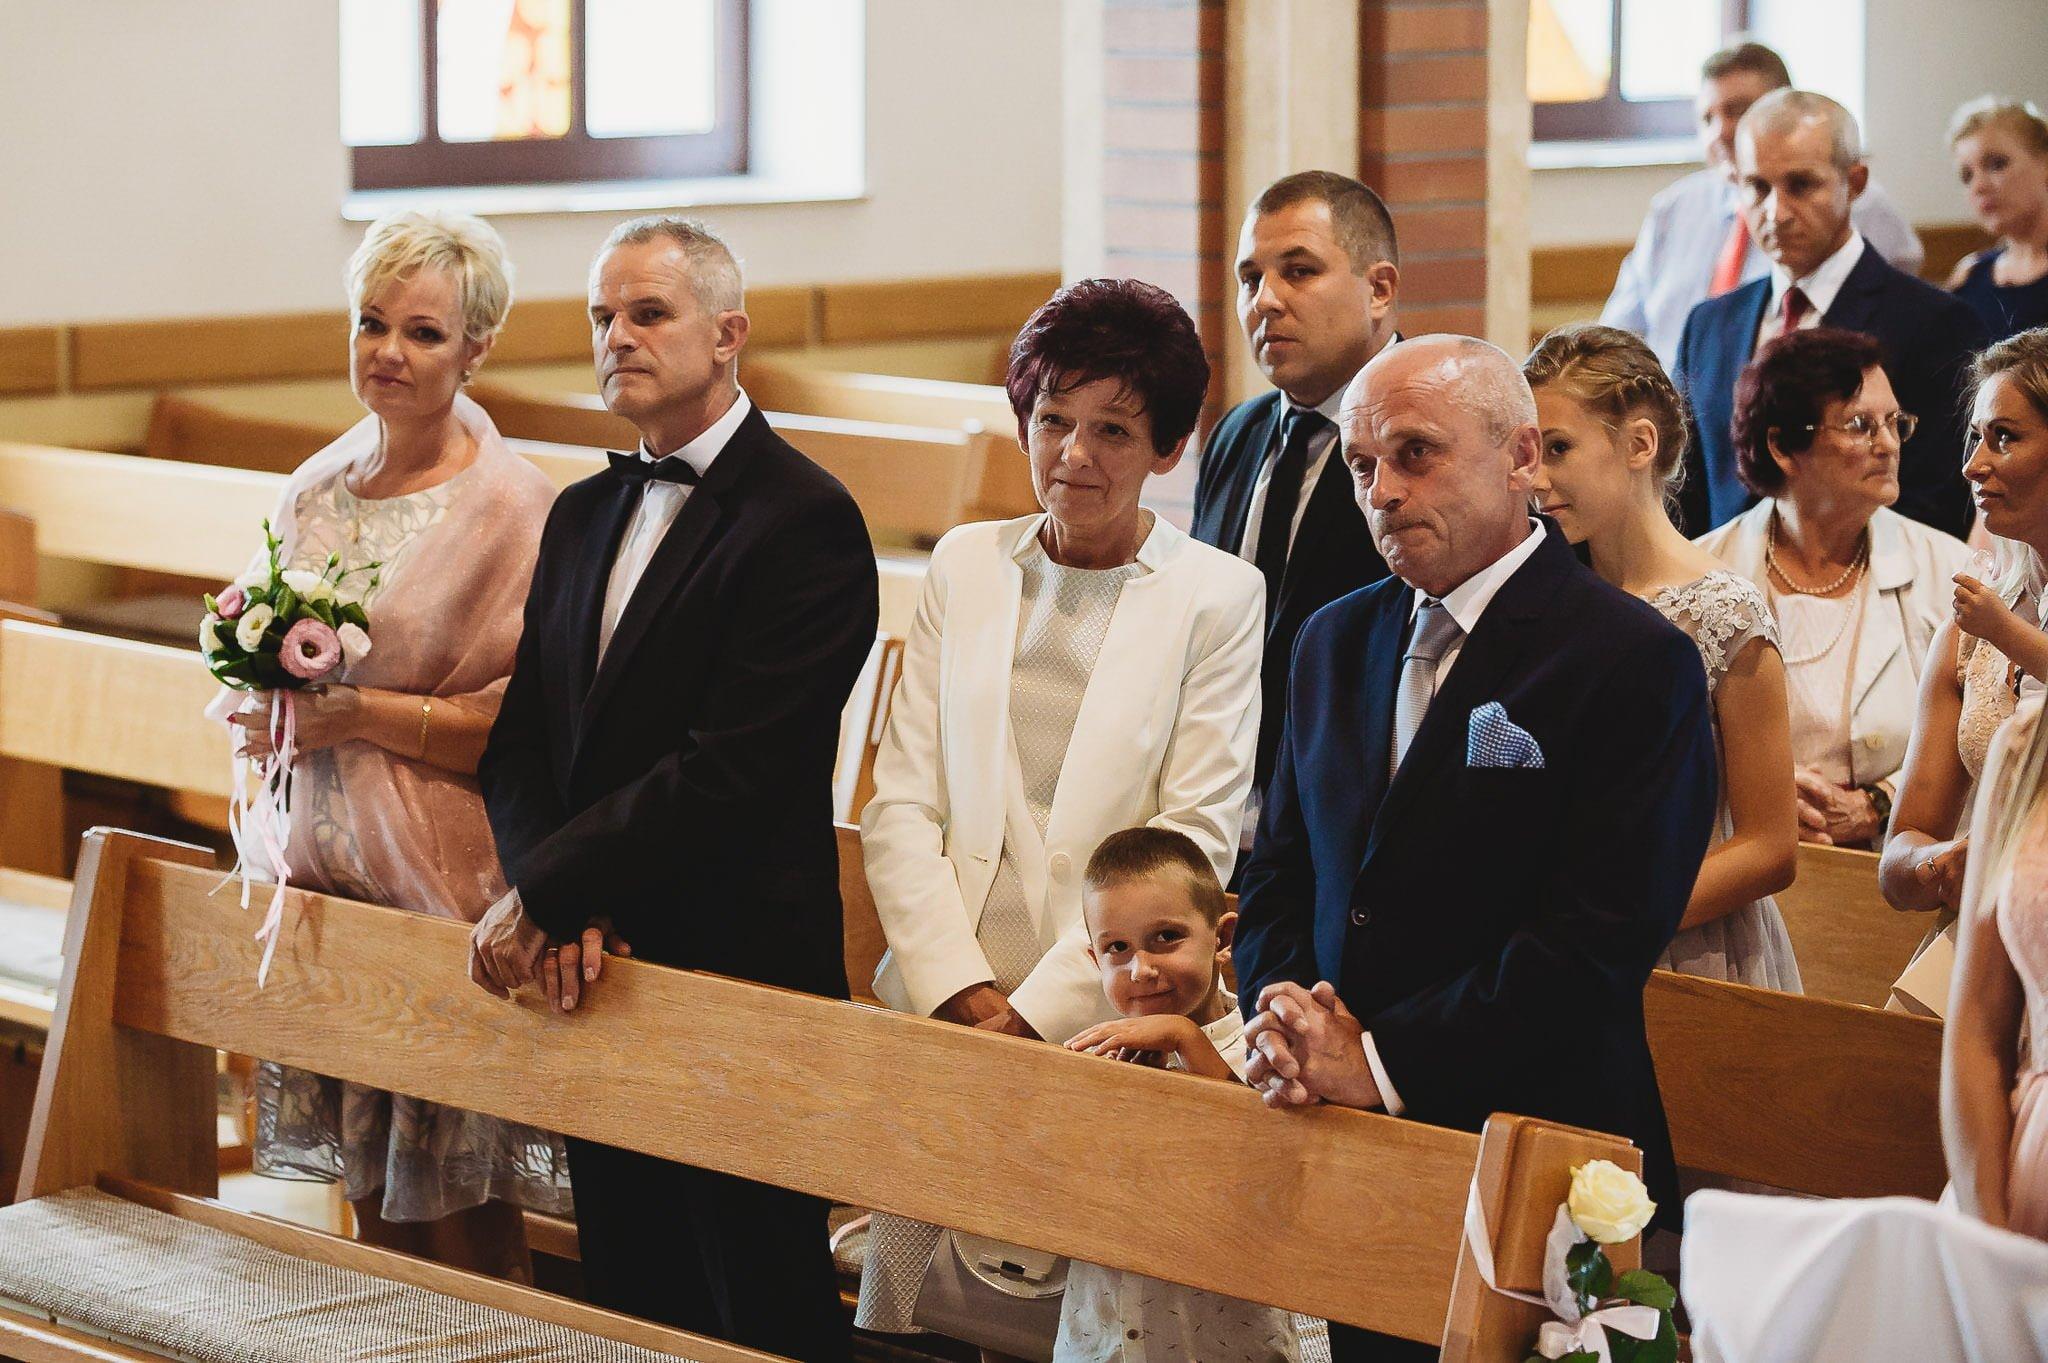 Angelika i Michał, piękne zdjęcia ślubne i sesja plenerowa w Gołuchowie 104